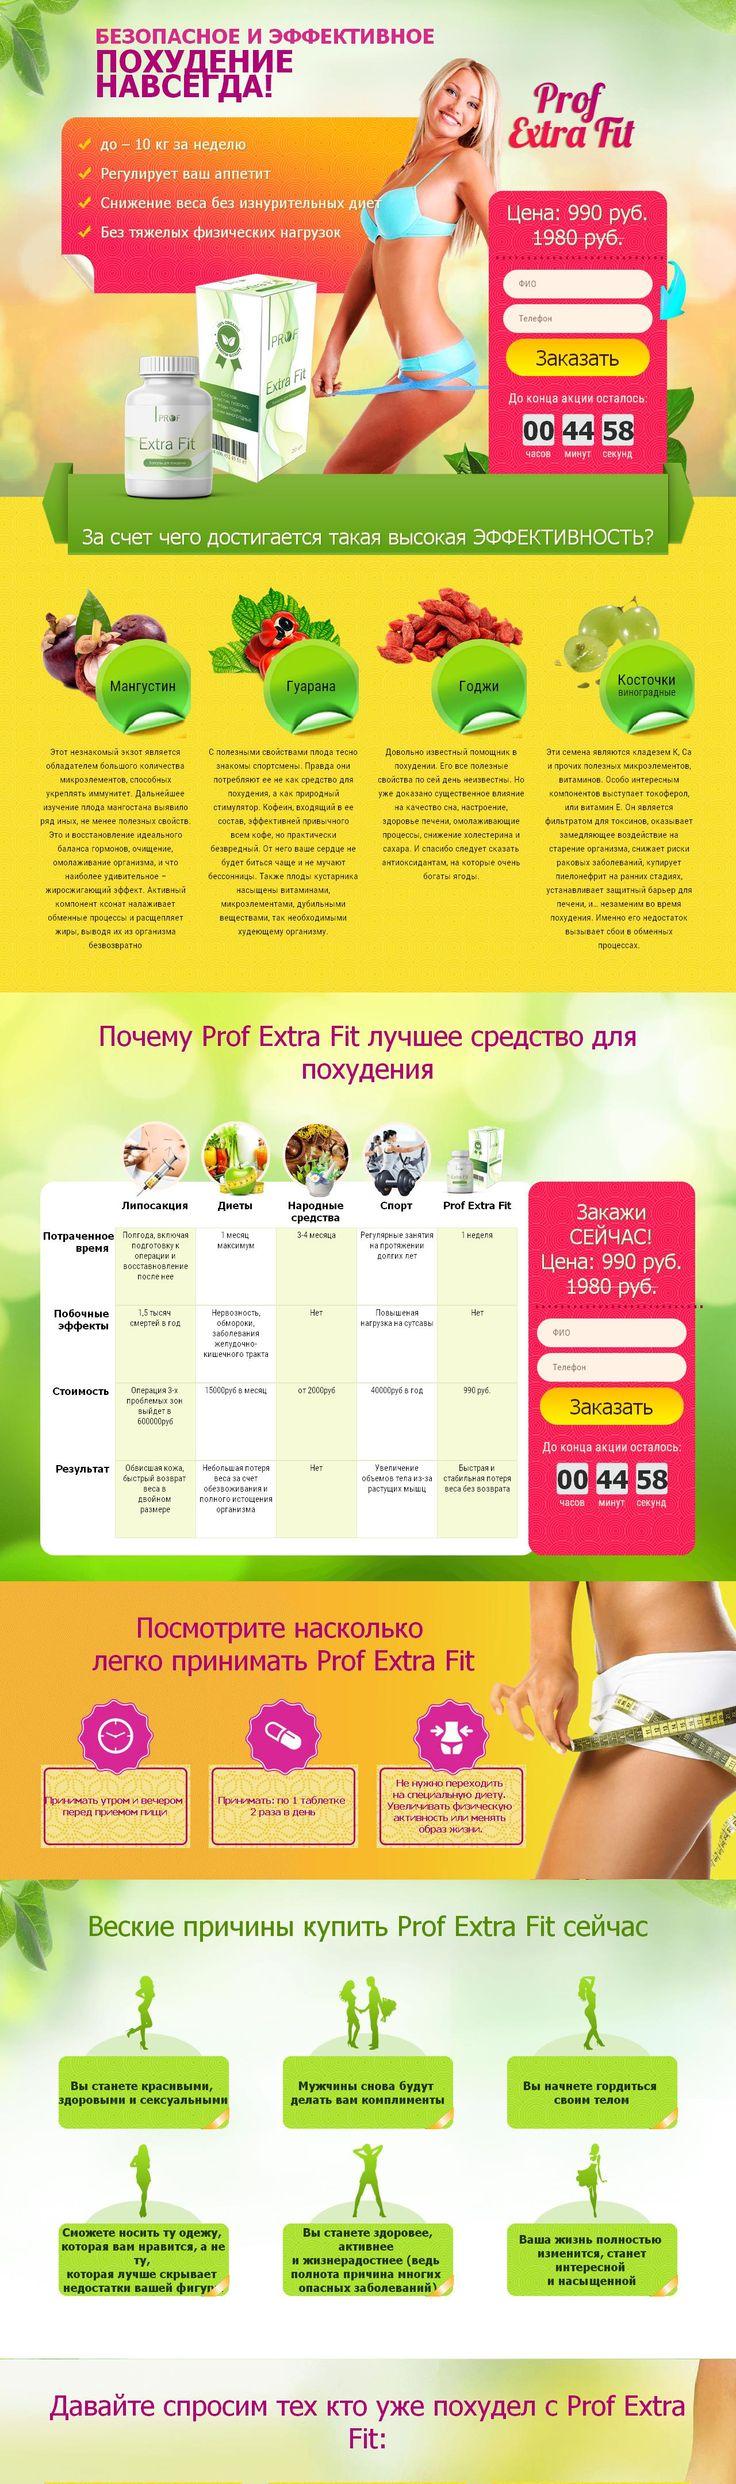 Безопасное Эффективное Средство Для Похудения Похудение. Таблетки для похудения рейтинг препаратов